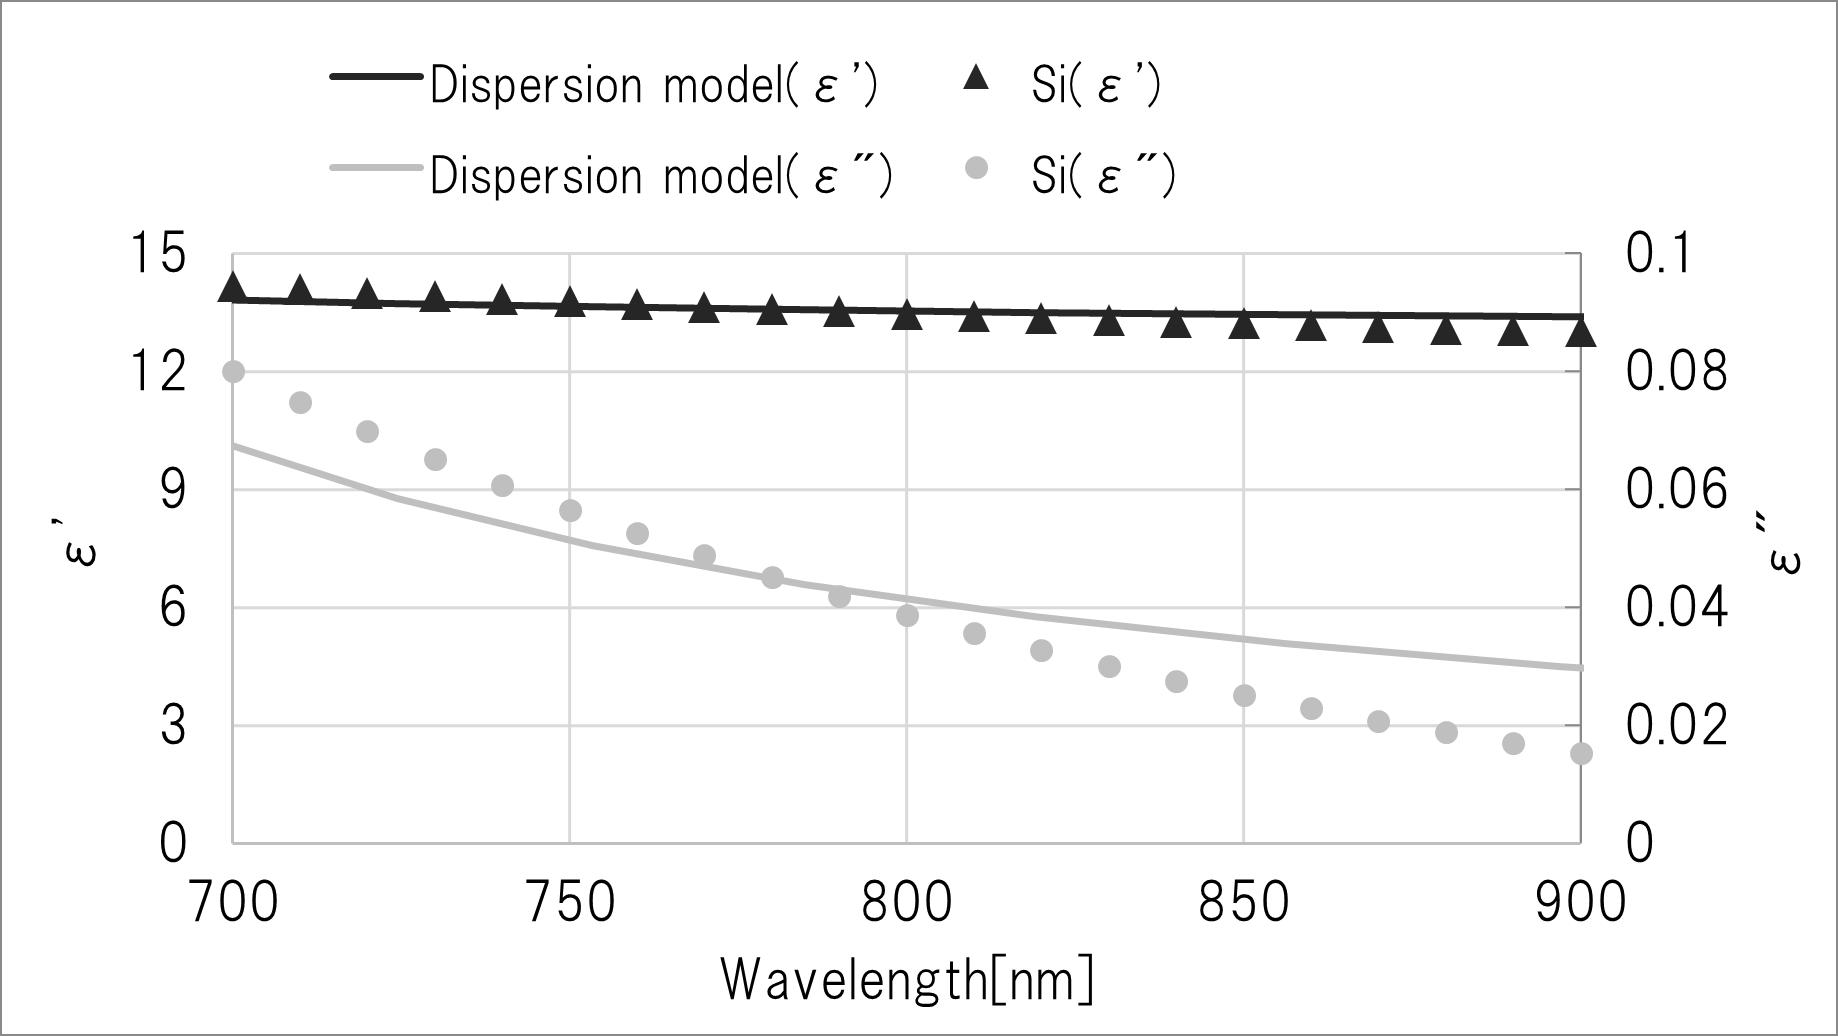 Siと分散モデルの複素誘電率